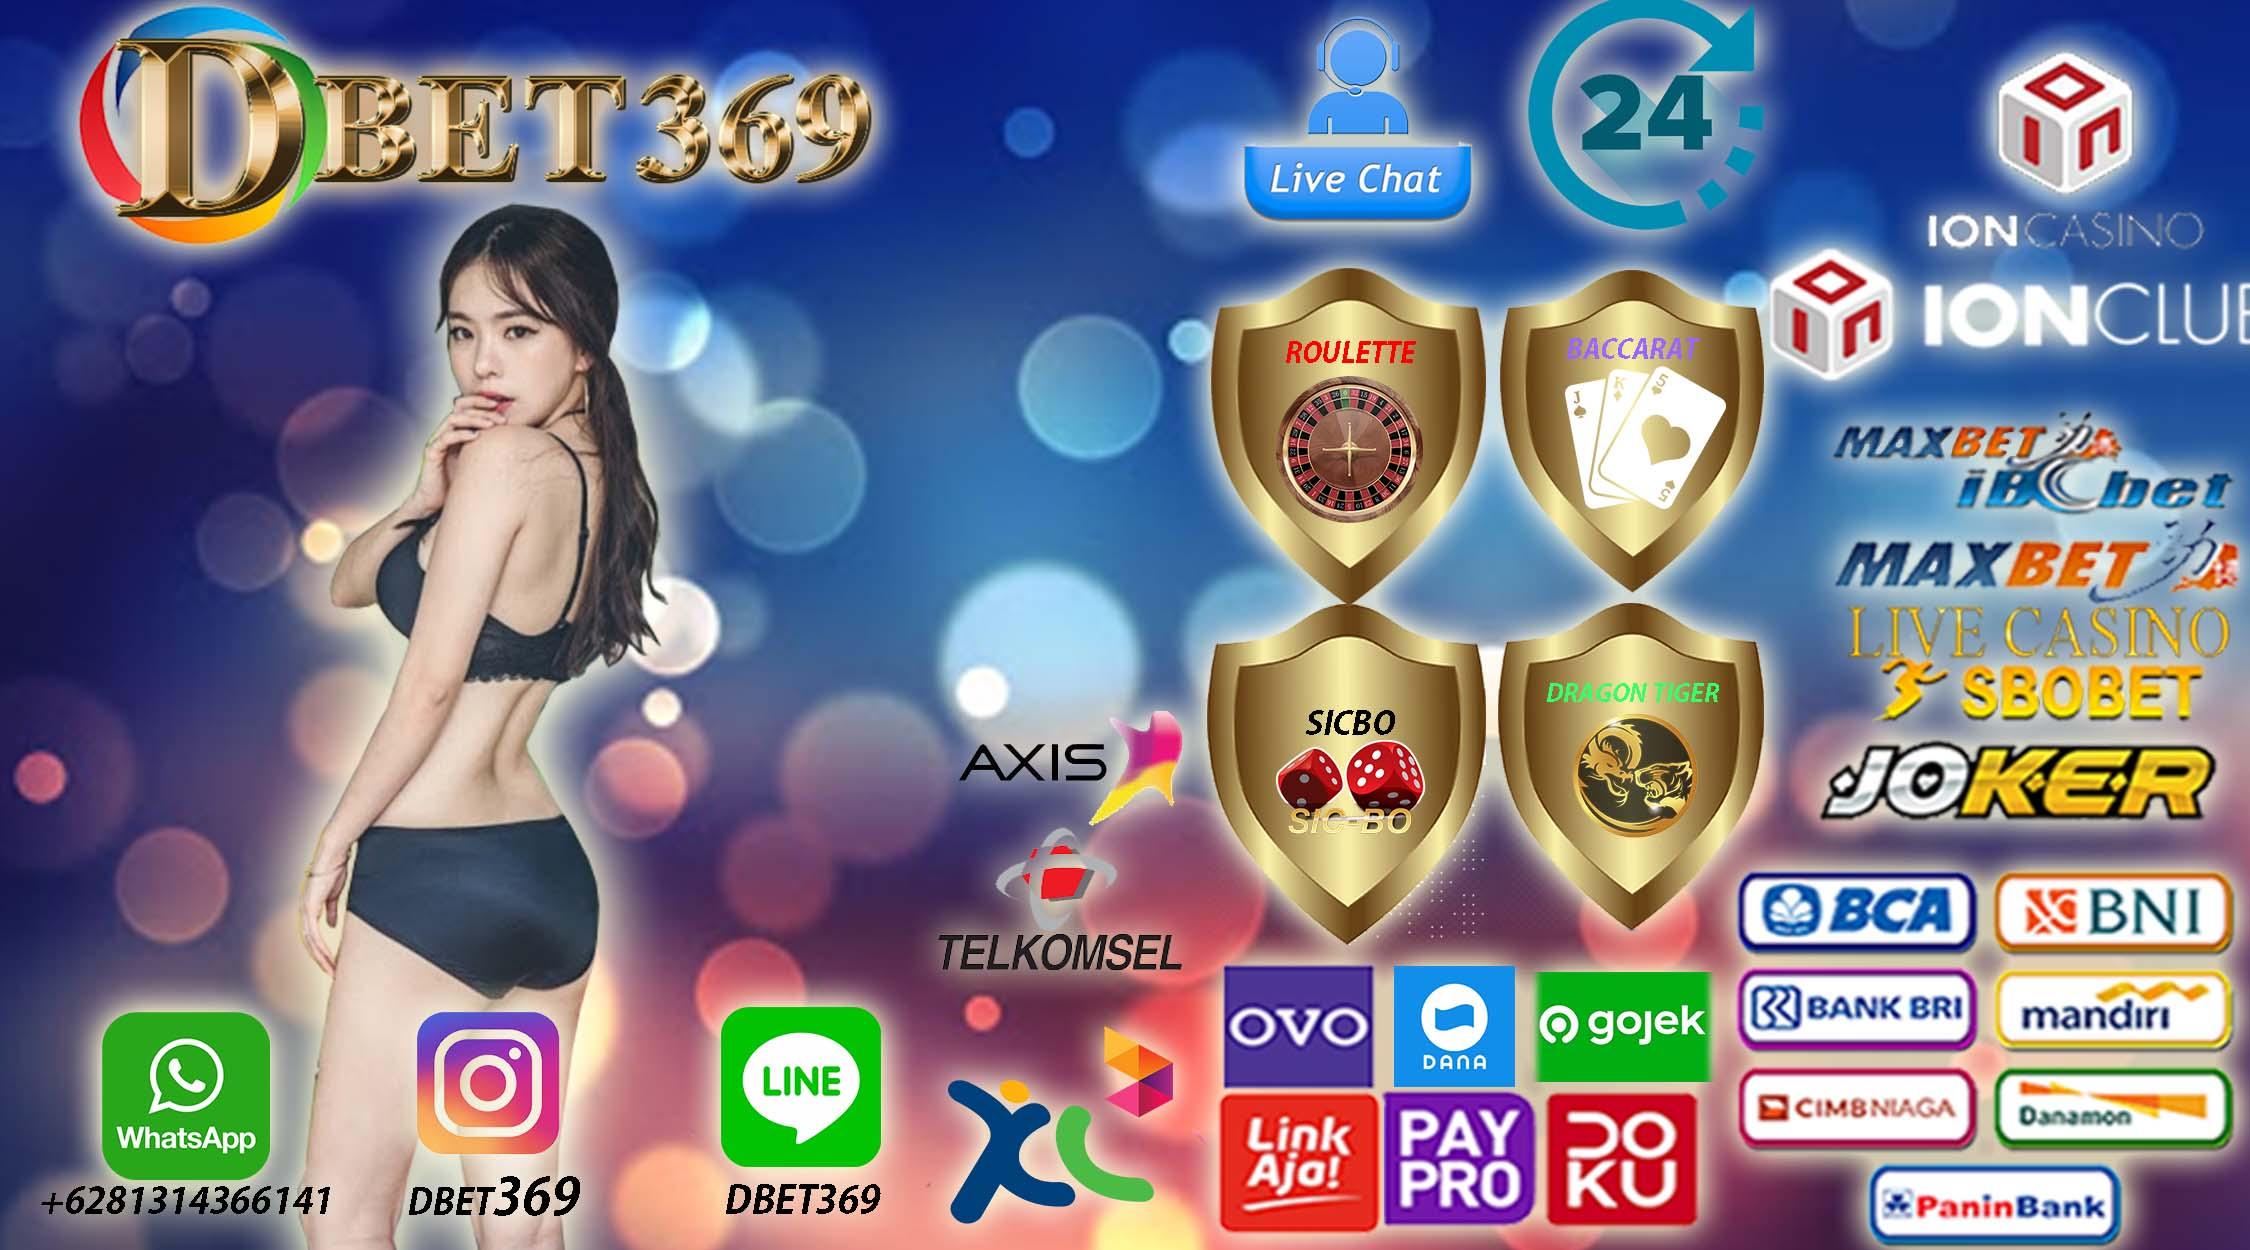 Situs Bola Bank Cimb Niaga Online 24 Jam